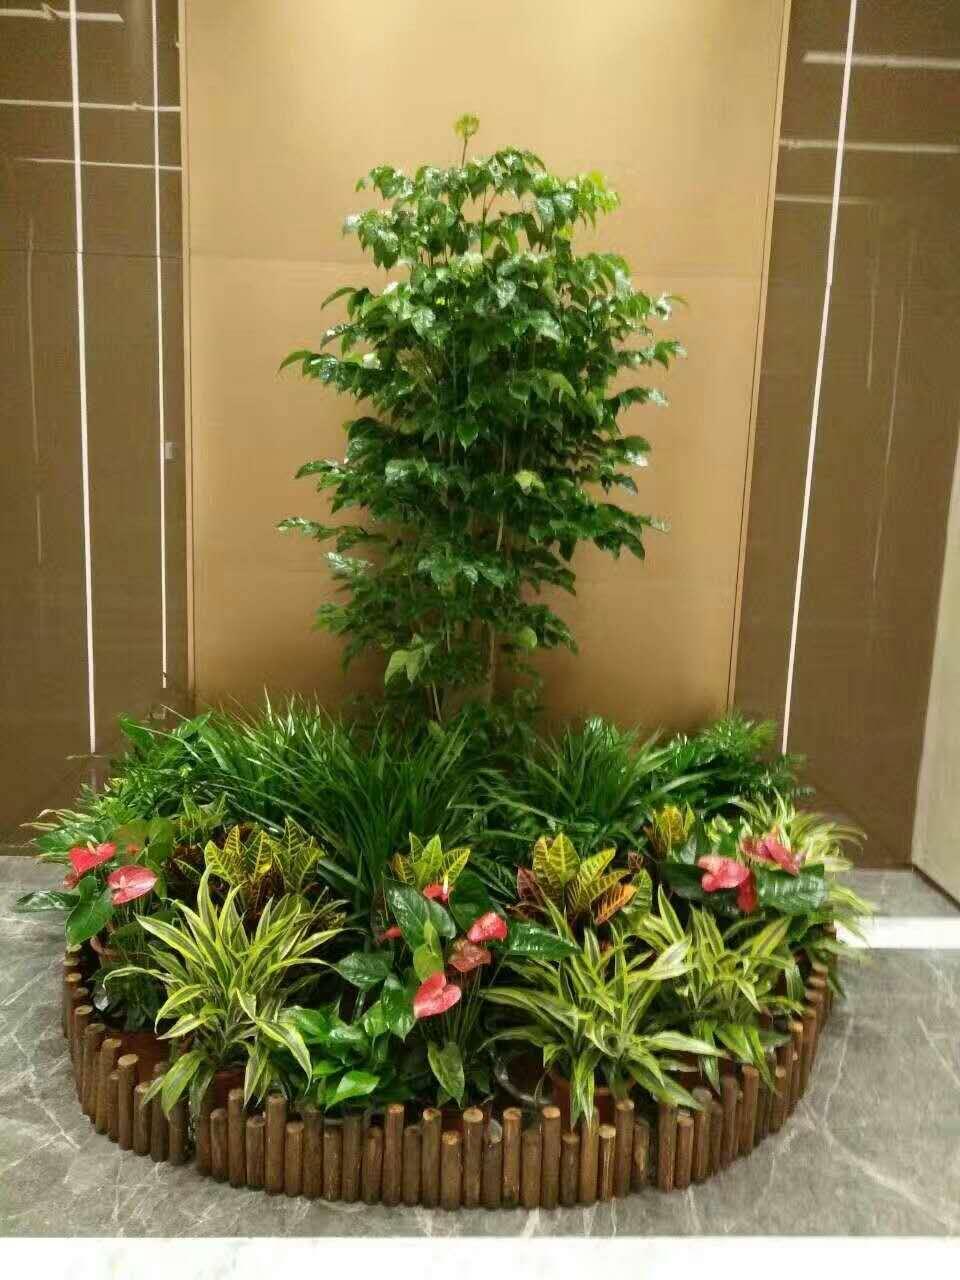 杭州植物租赁:与杭州创新科技有限公司合作